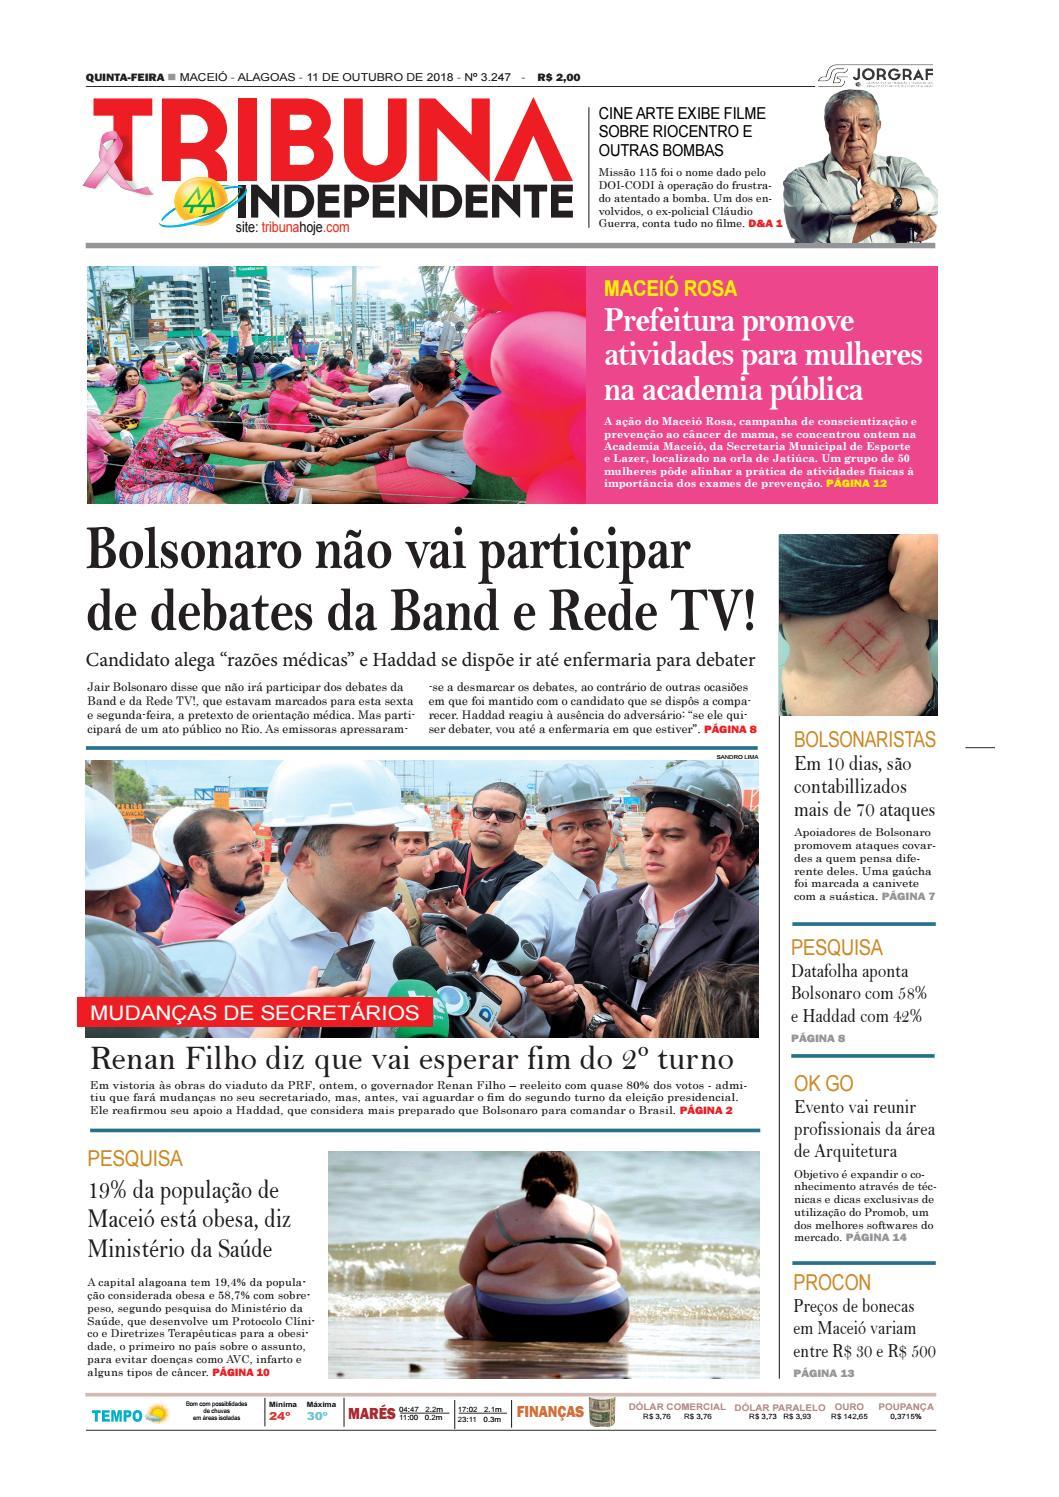 Edição número 3247 - 11 de outubro de 2018 by Tribuna Hoje - issuu 1c7fc26754